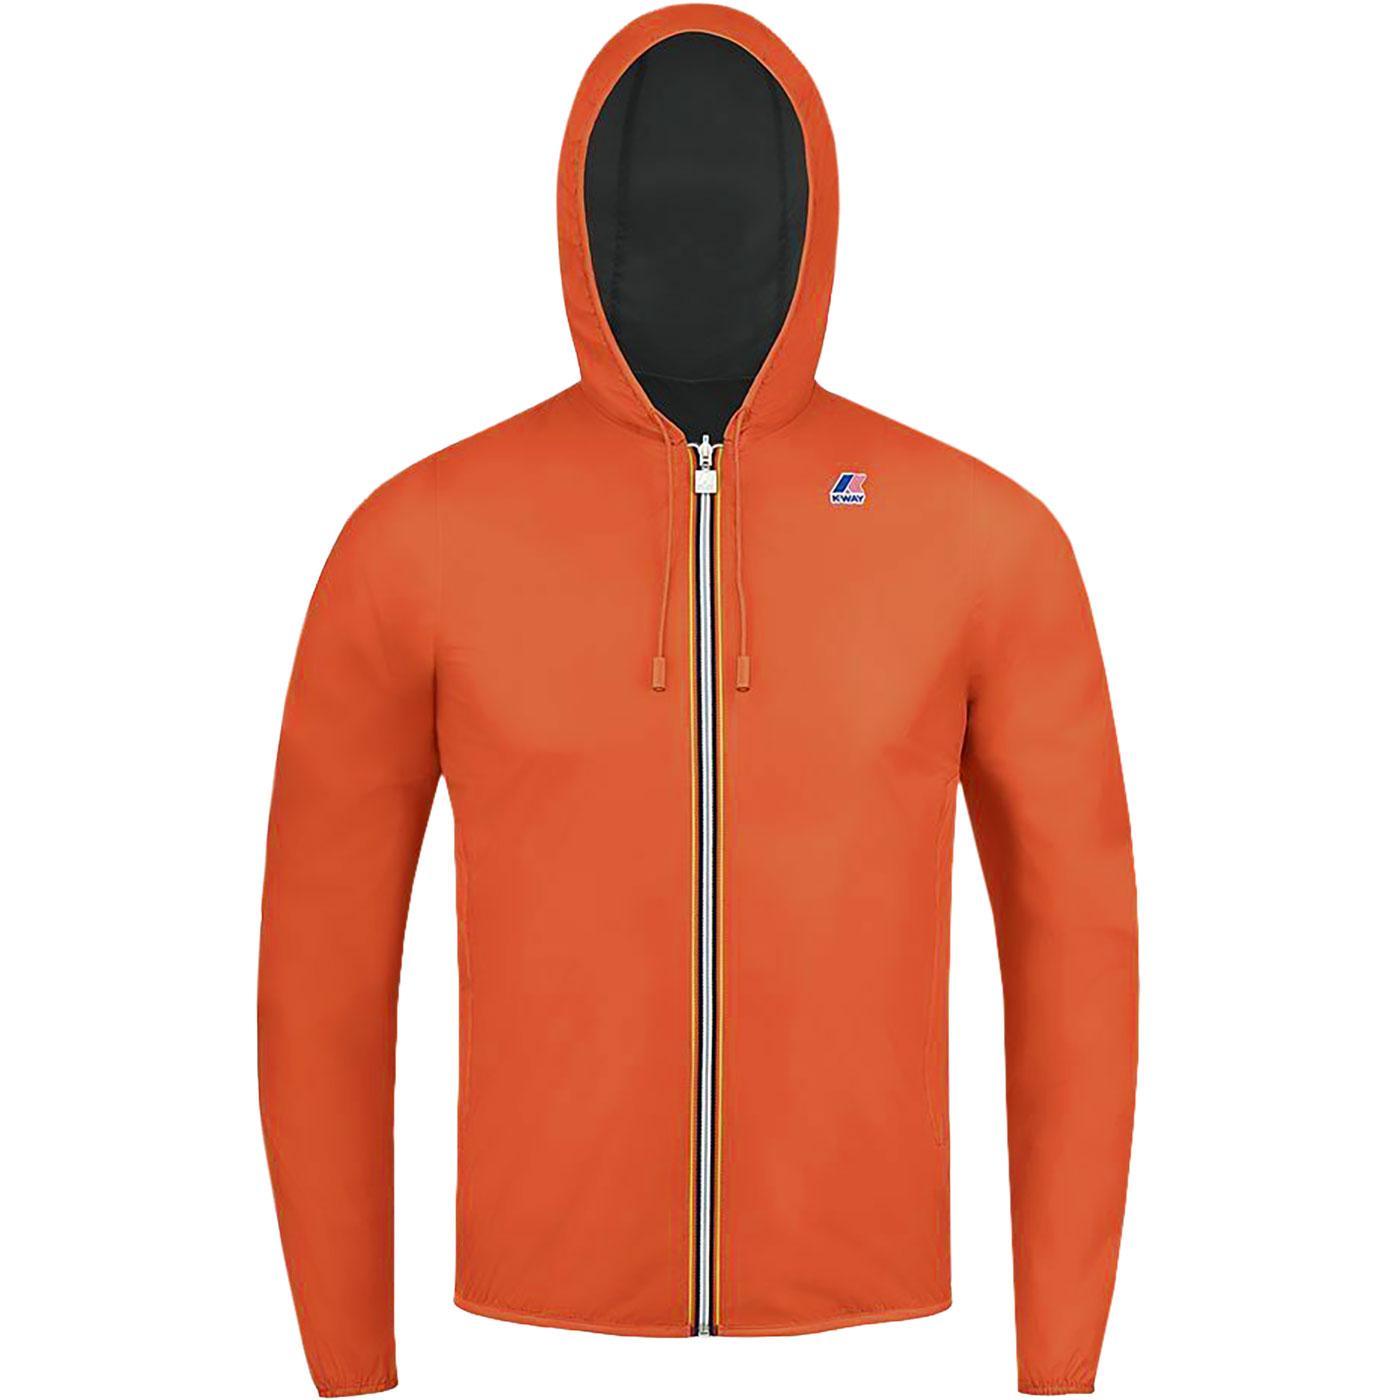 Jacques Plus K-WAY Reversible Anorak Jacket (O)